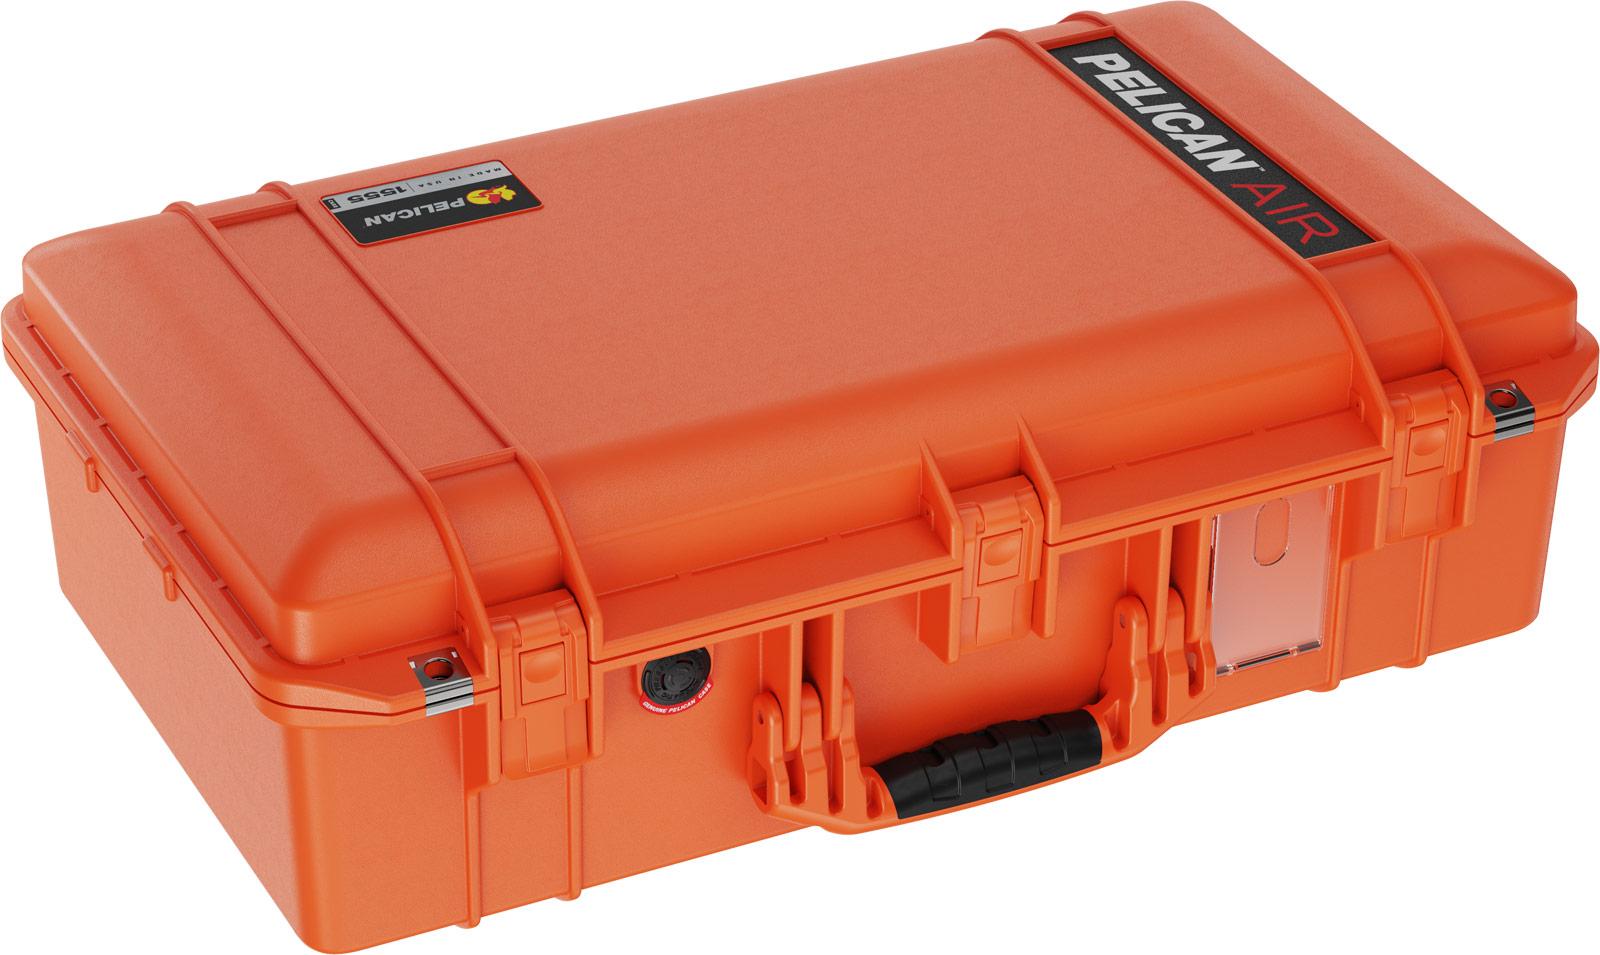 pelican orange 1555 air case travel cases